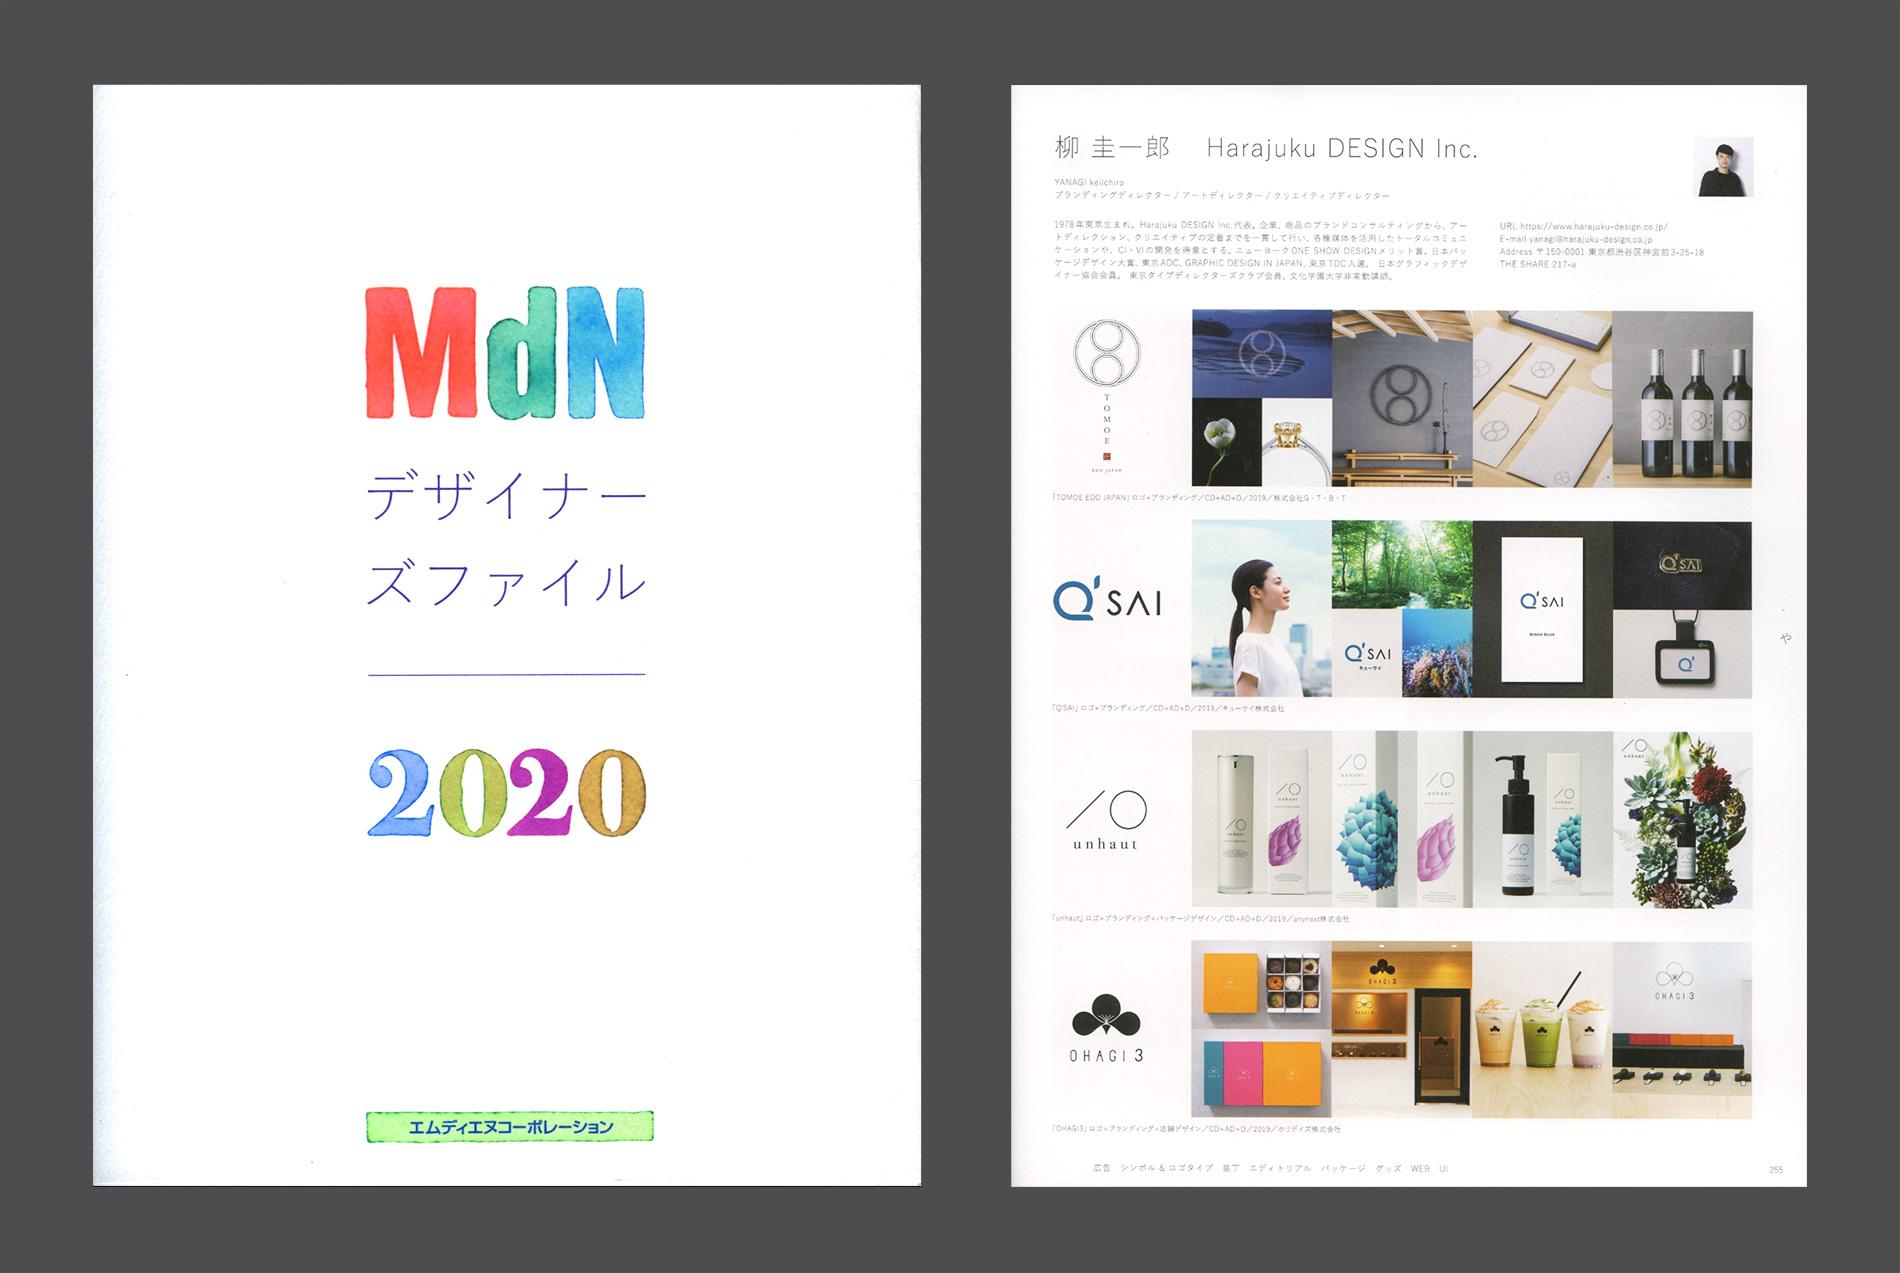 MdNデザイナーズファイル 2020 柳 圭一郎